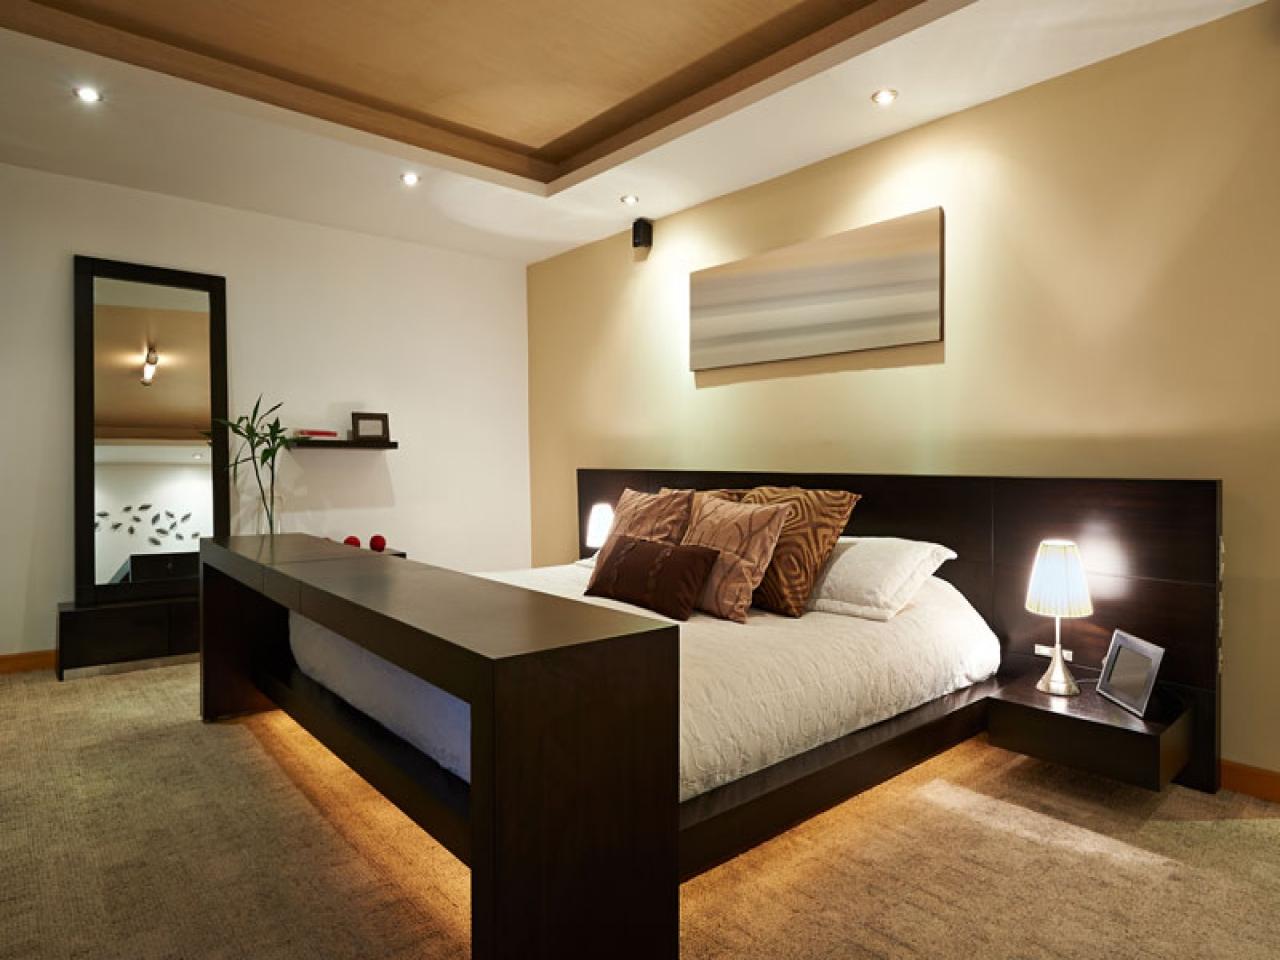 Apartamentele în regim hotelier, cea mai bună soluție pentru o cazare pe termen scurt în București